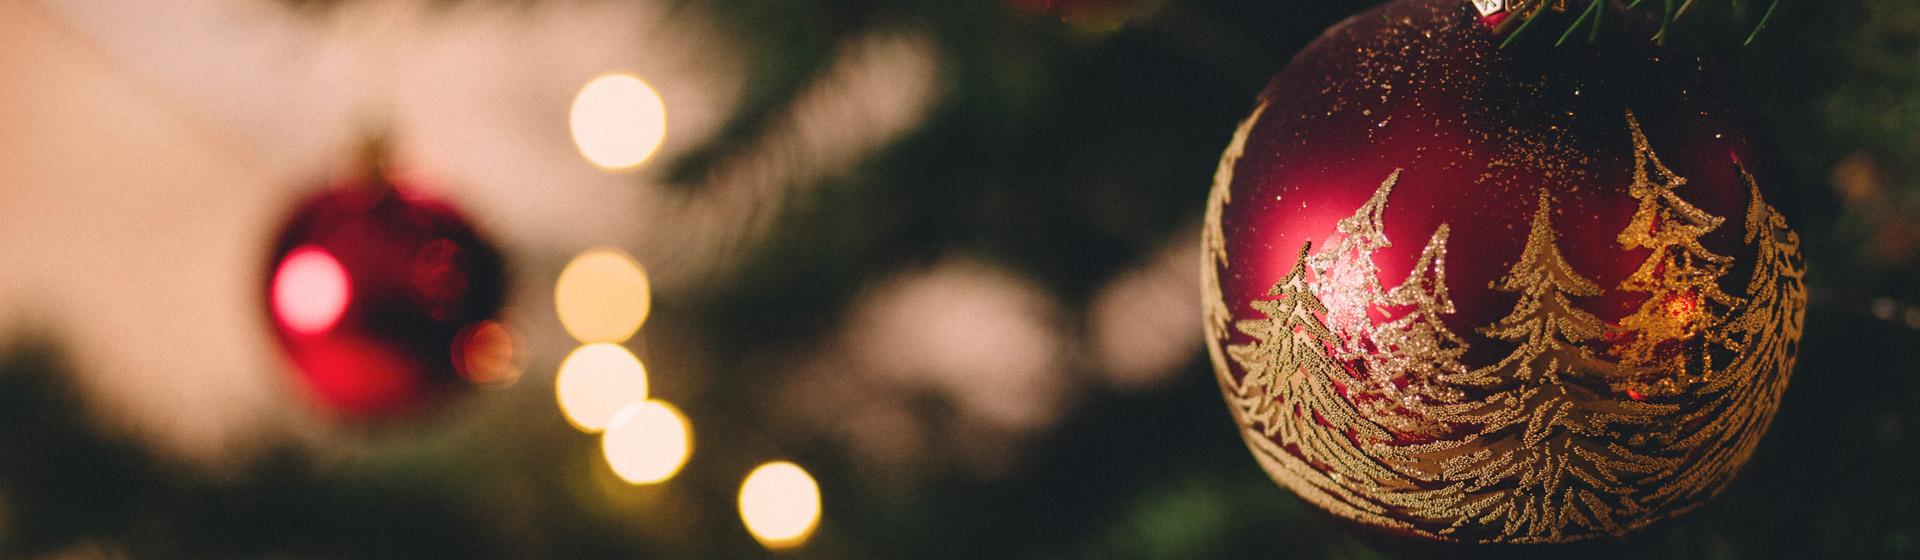 awu eventa net – Weihnachtsfeier